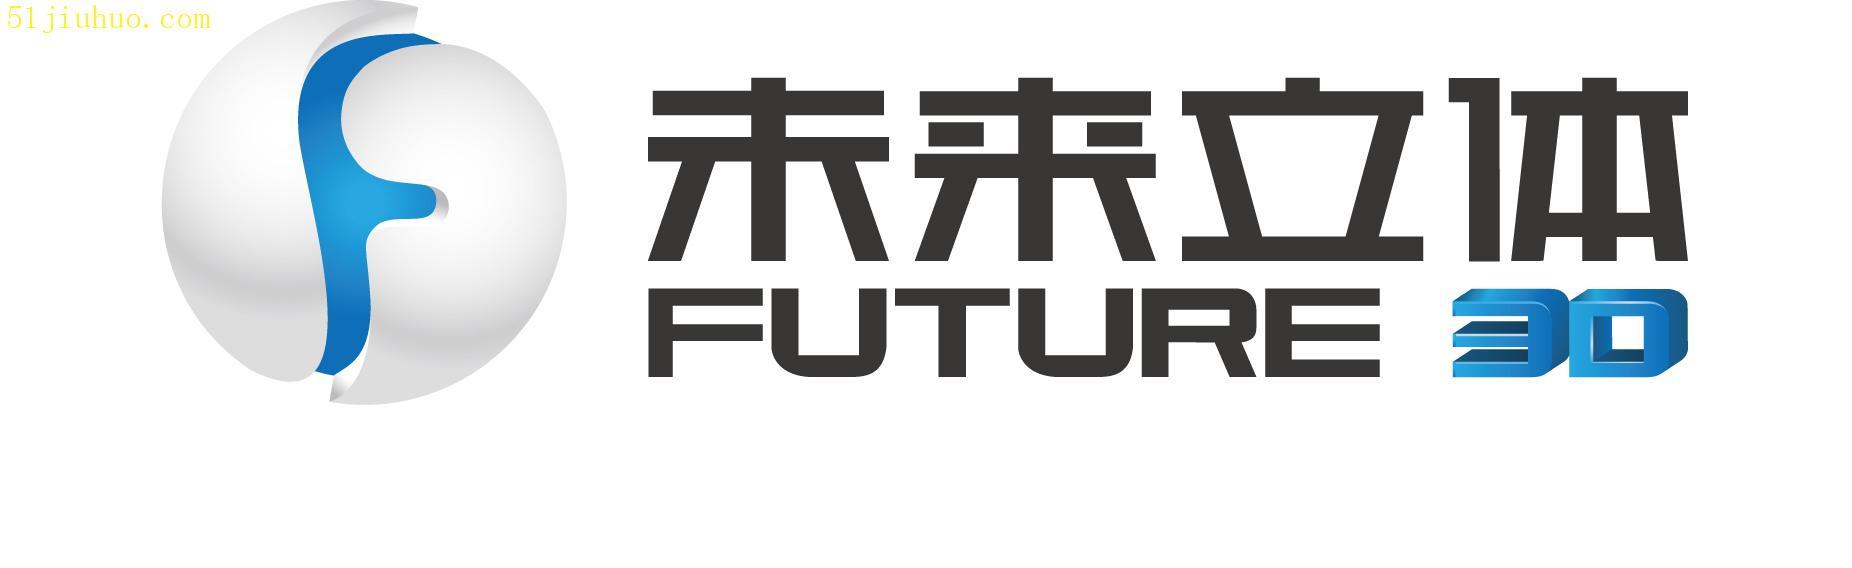 logo logo 标志 设计 矢量 矢量图 素材 图标 1852_568